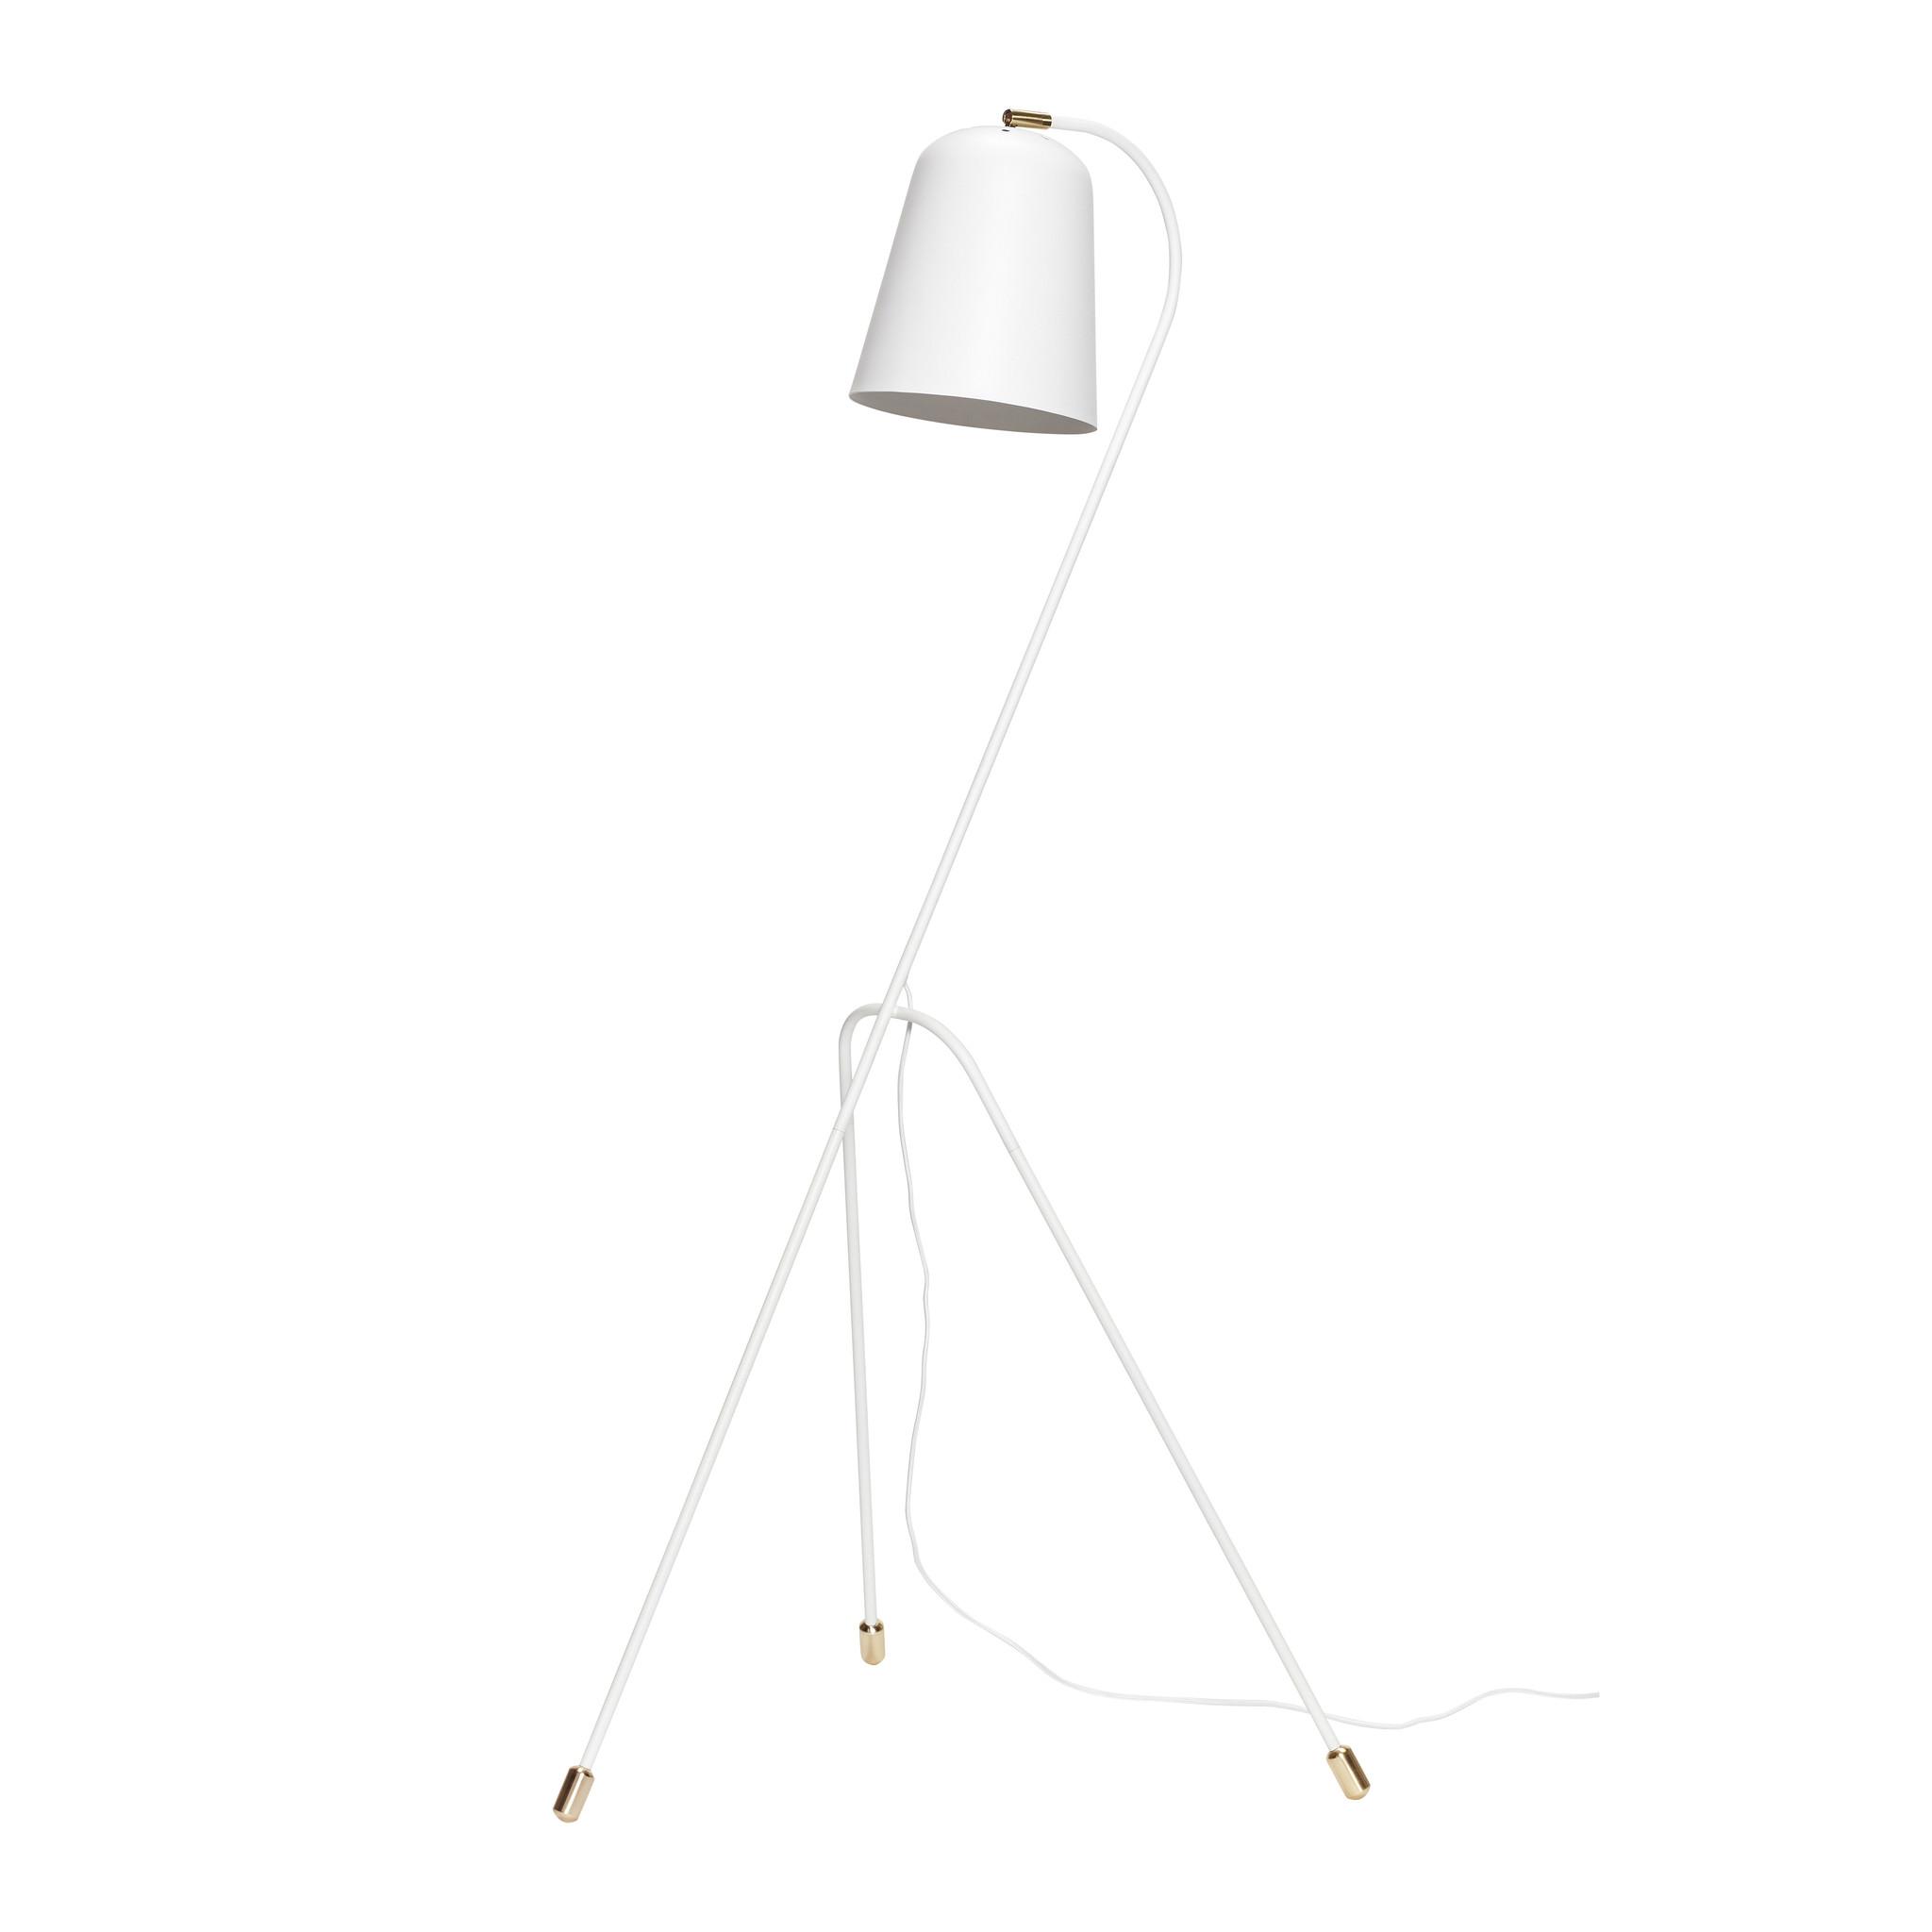 Hubsch Staande lamp, metaal, wit / messing-990606-5712772063781